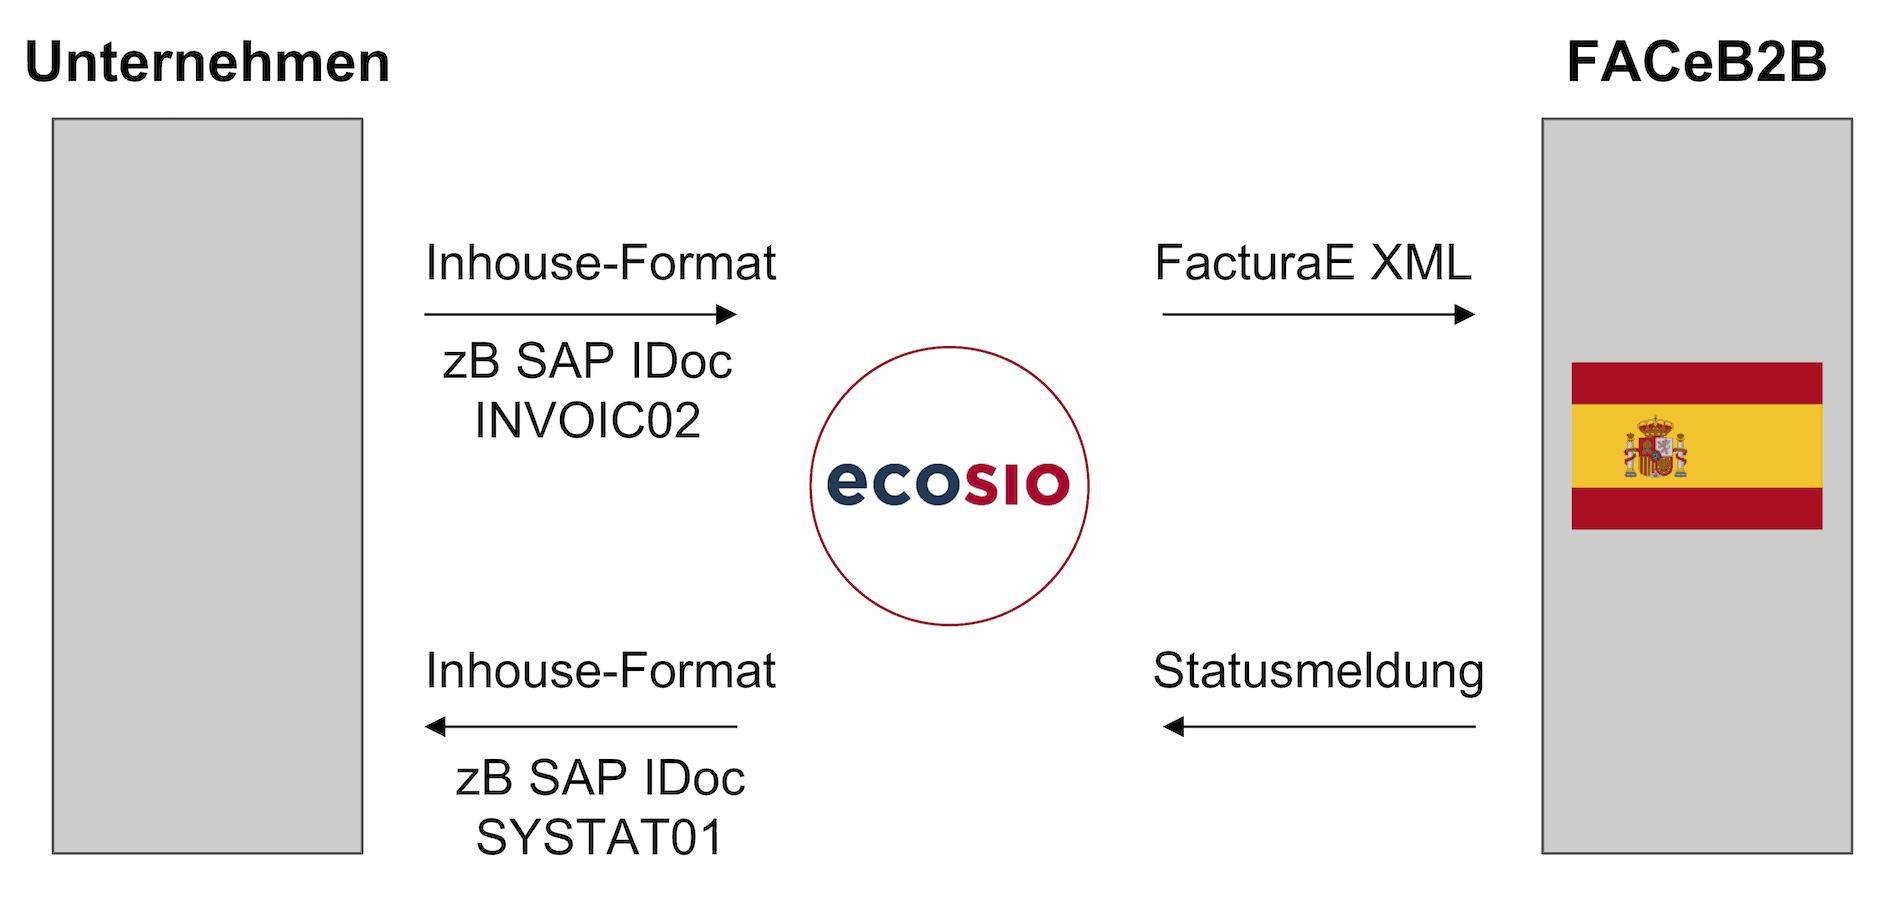 Rechnungsübermittlung zur Plattform FACeB2B